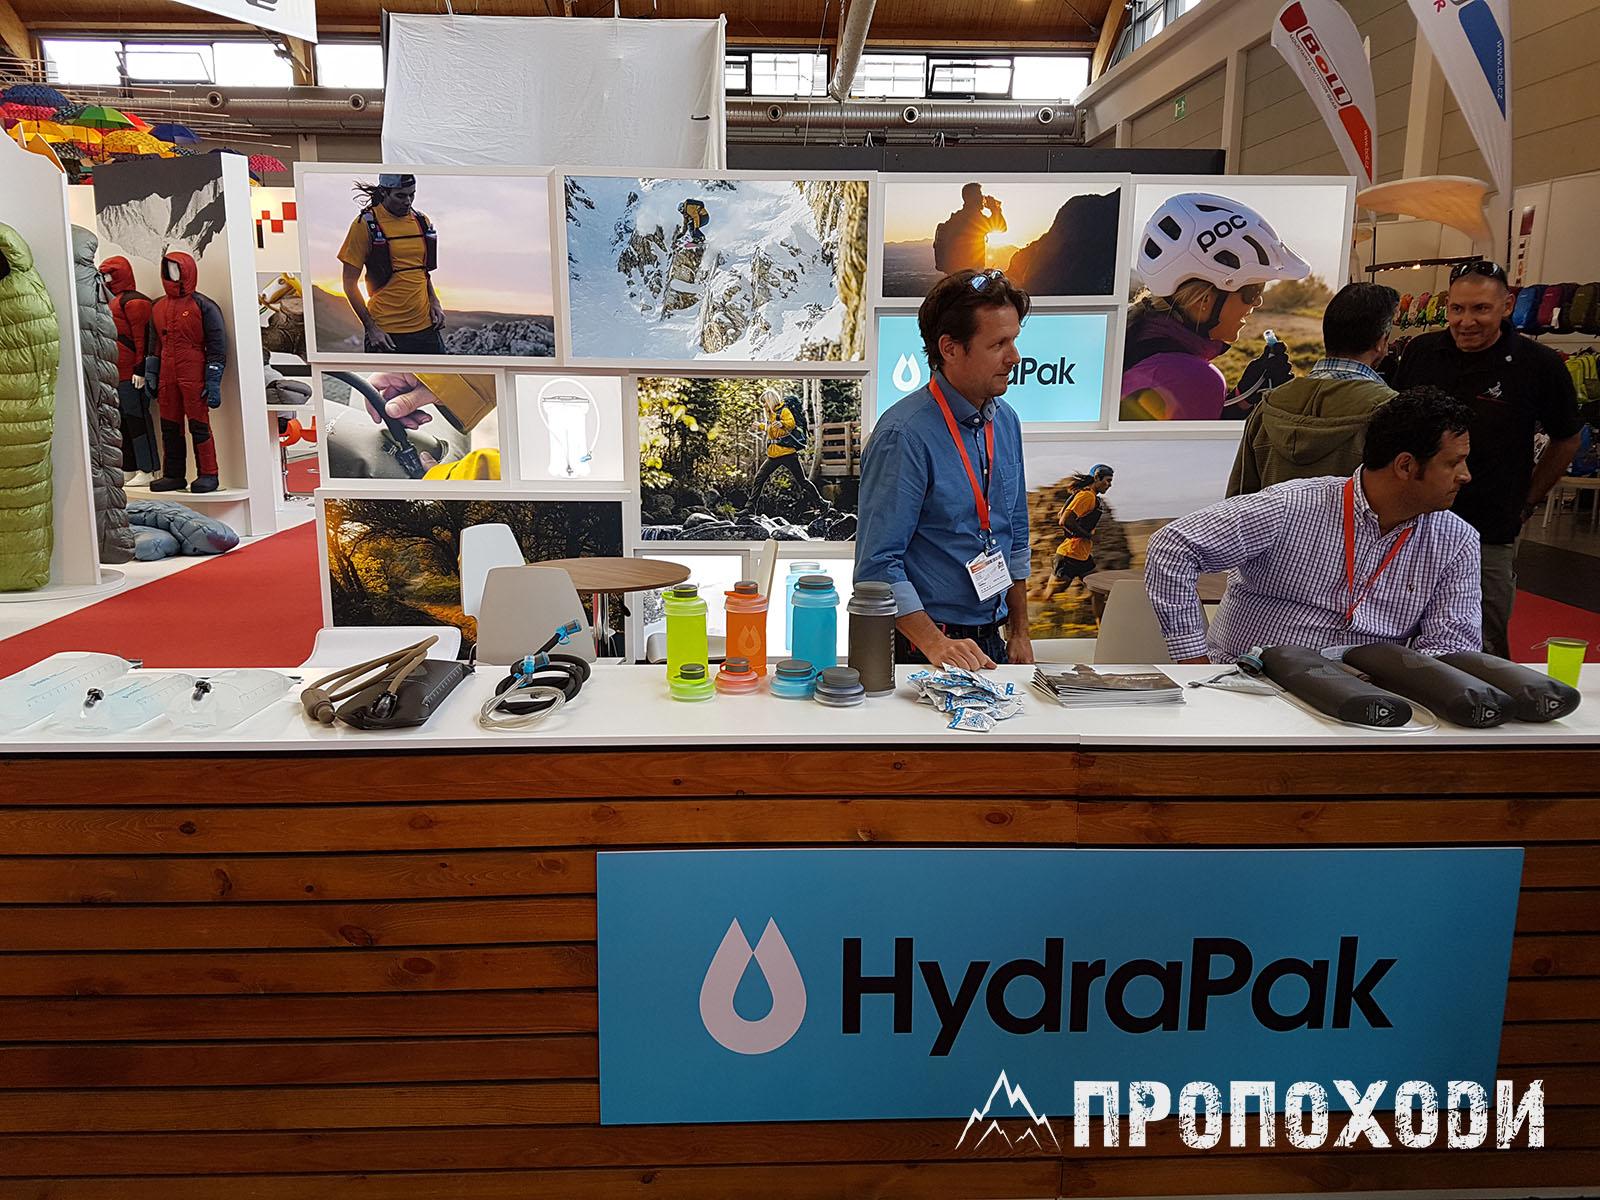 HydraPak Stash